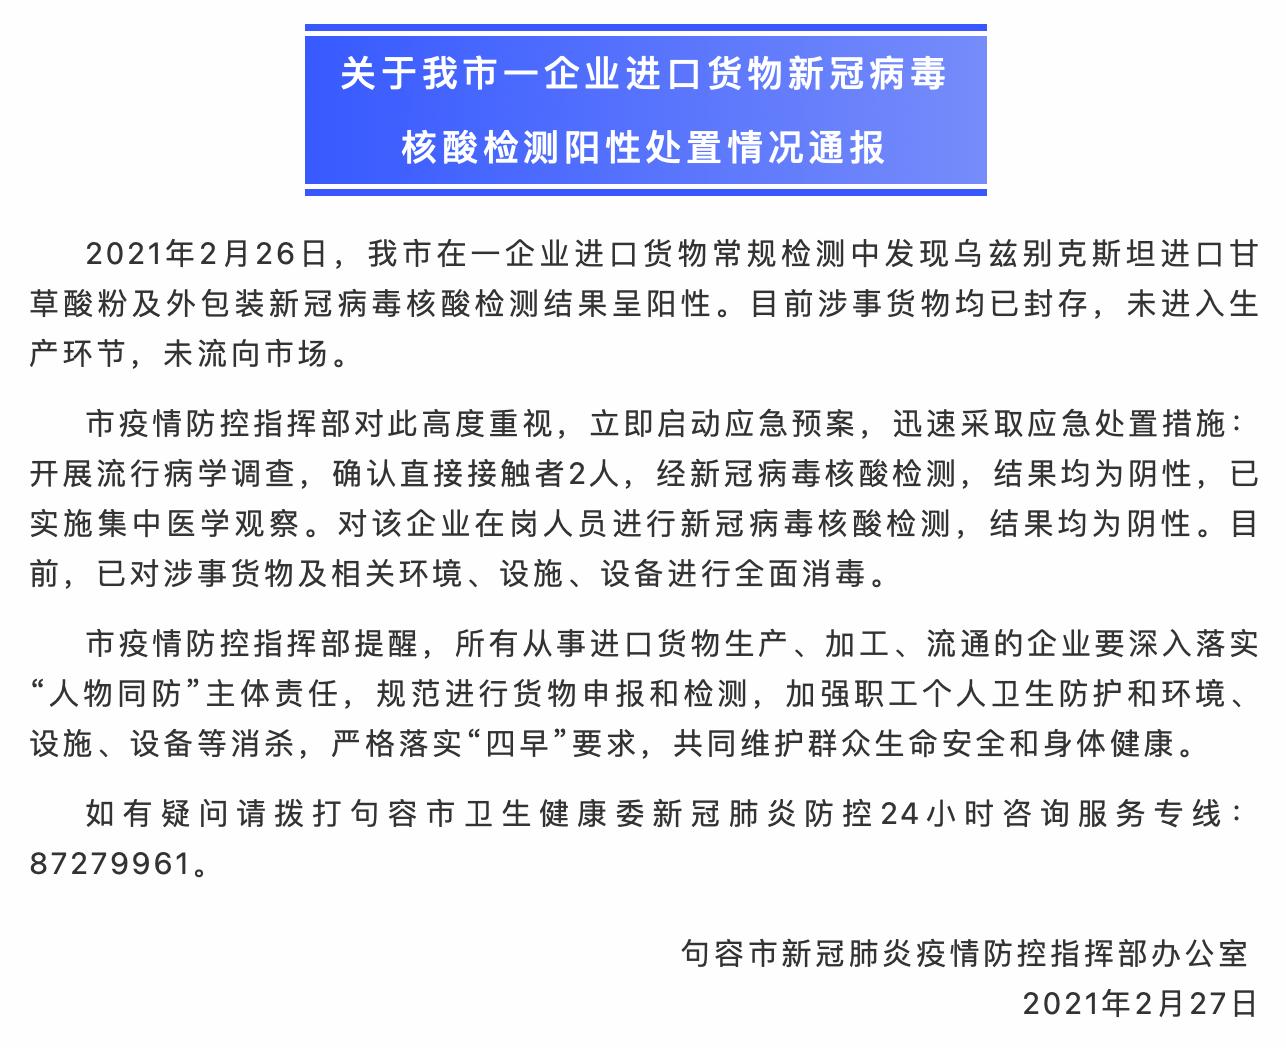 江苏句容发现一企业进口货物新冠核酸检测阳性,未流入市场